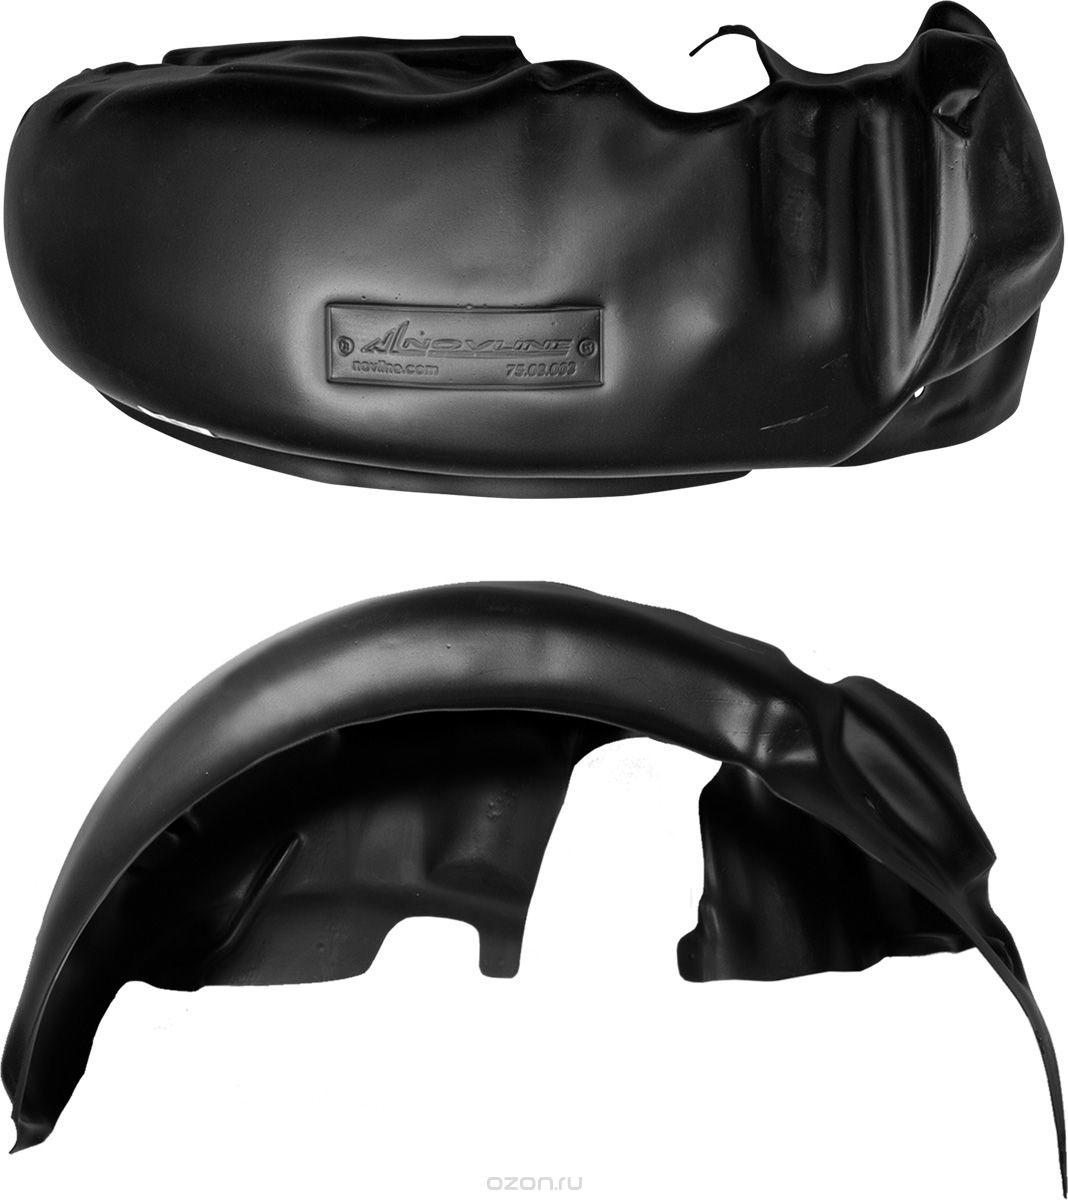 Подкрылок Novline-Autofamily, для Ford Mondeo, 2015 ->, задний правыйNLL.16.59.004Идеальная защита колесной ниши. Локеры разработаны с применением цифровых технологий, гарантируют максимальную повторяемость поверхности арки. Изделия устанавливаются без нарушения лакокрасочного покрытия автомобиля, каждый подкрылок комплектуется крепежом. Уважаемые клиенты, обращаем ваше внимание, что фотографии на подкрылки универсальные и не отражают реальную форму изделия. При этом само изделие идет точно под размер указанного автомобиля.